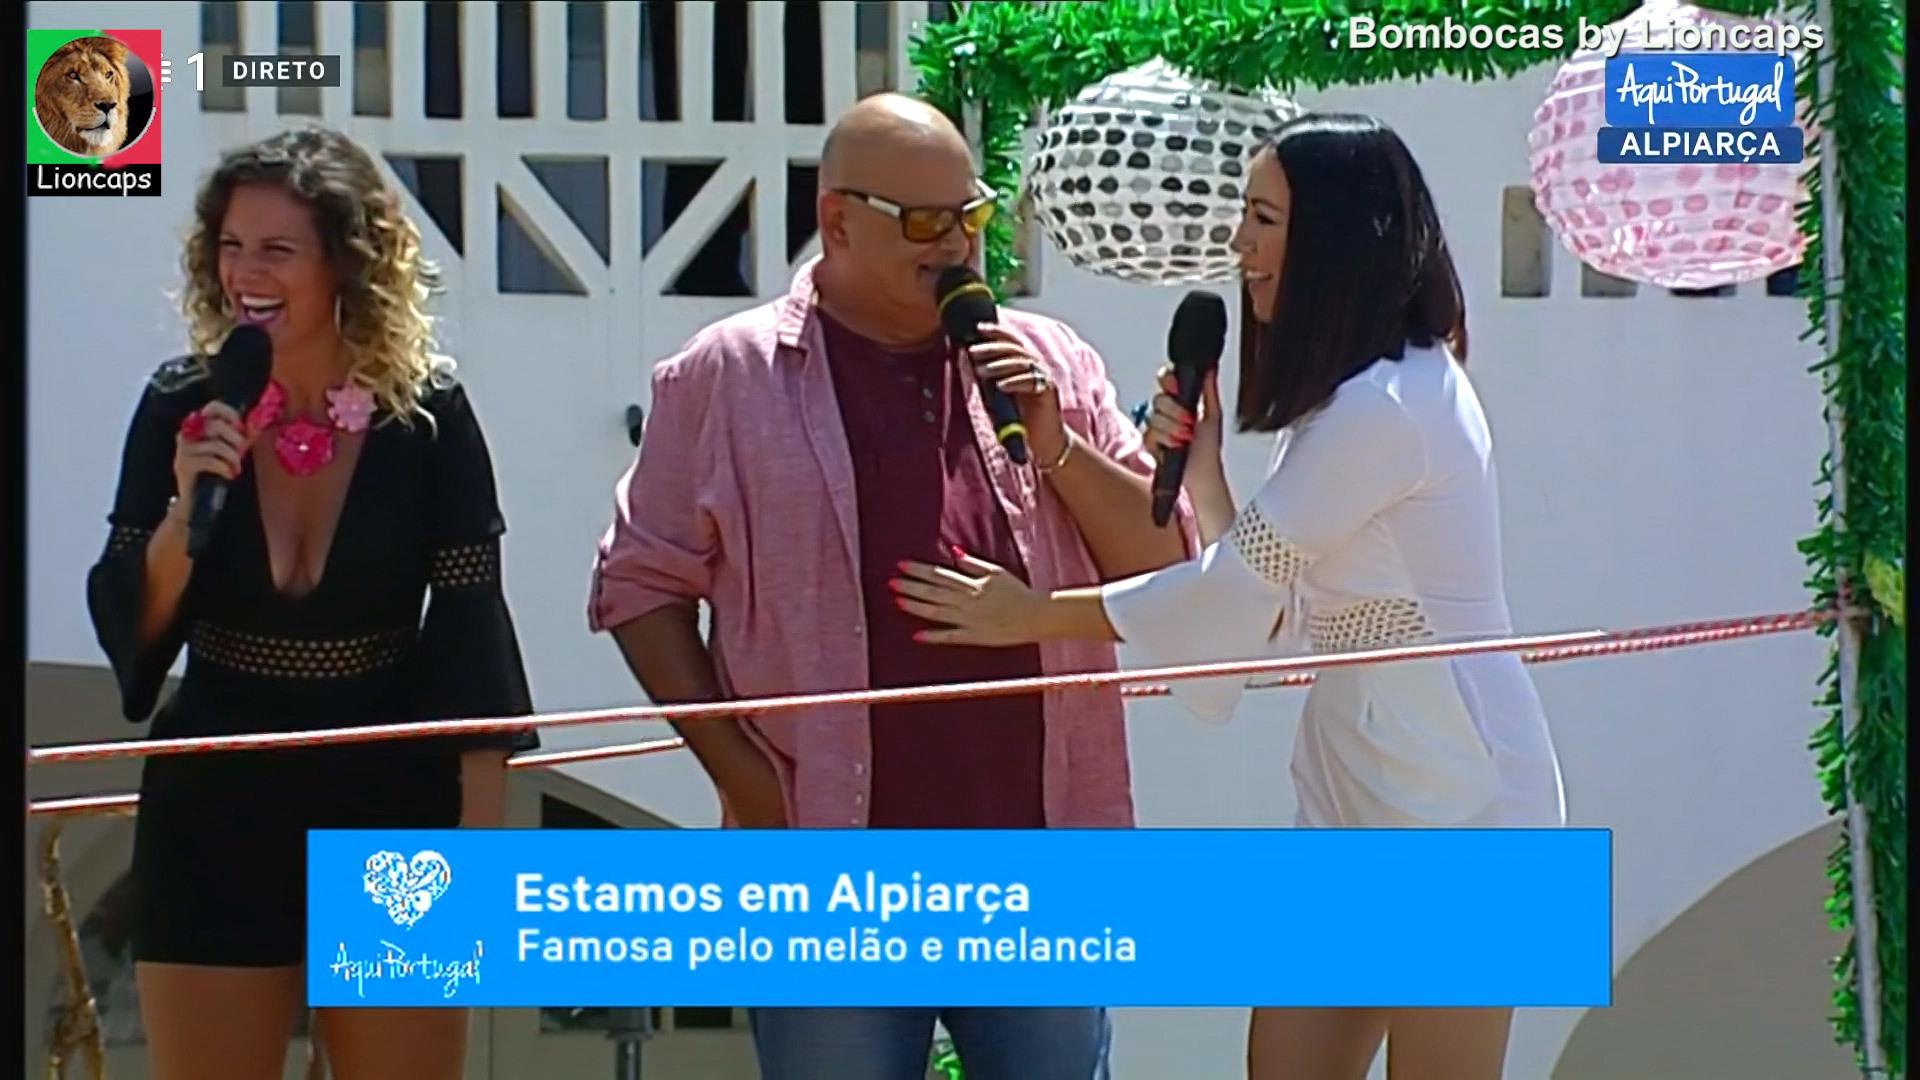 bombocas (16).jpg